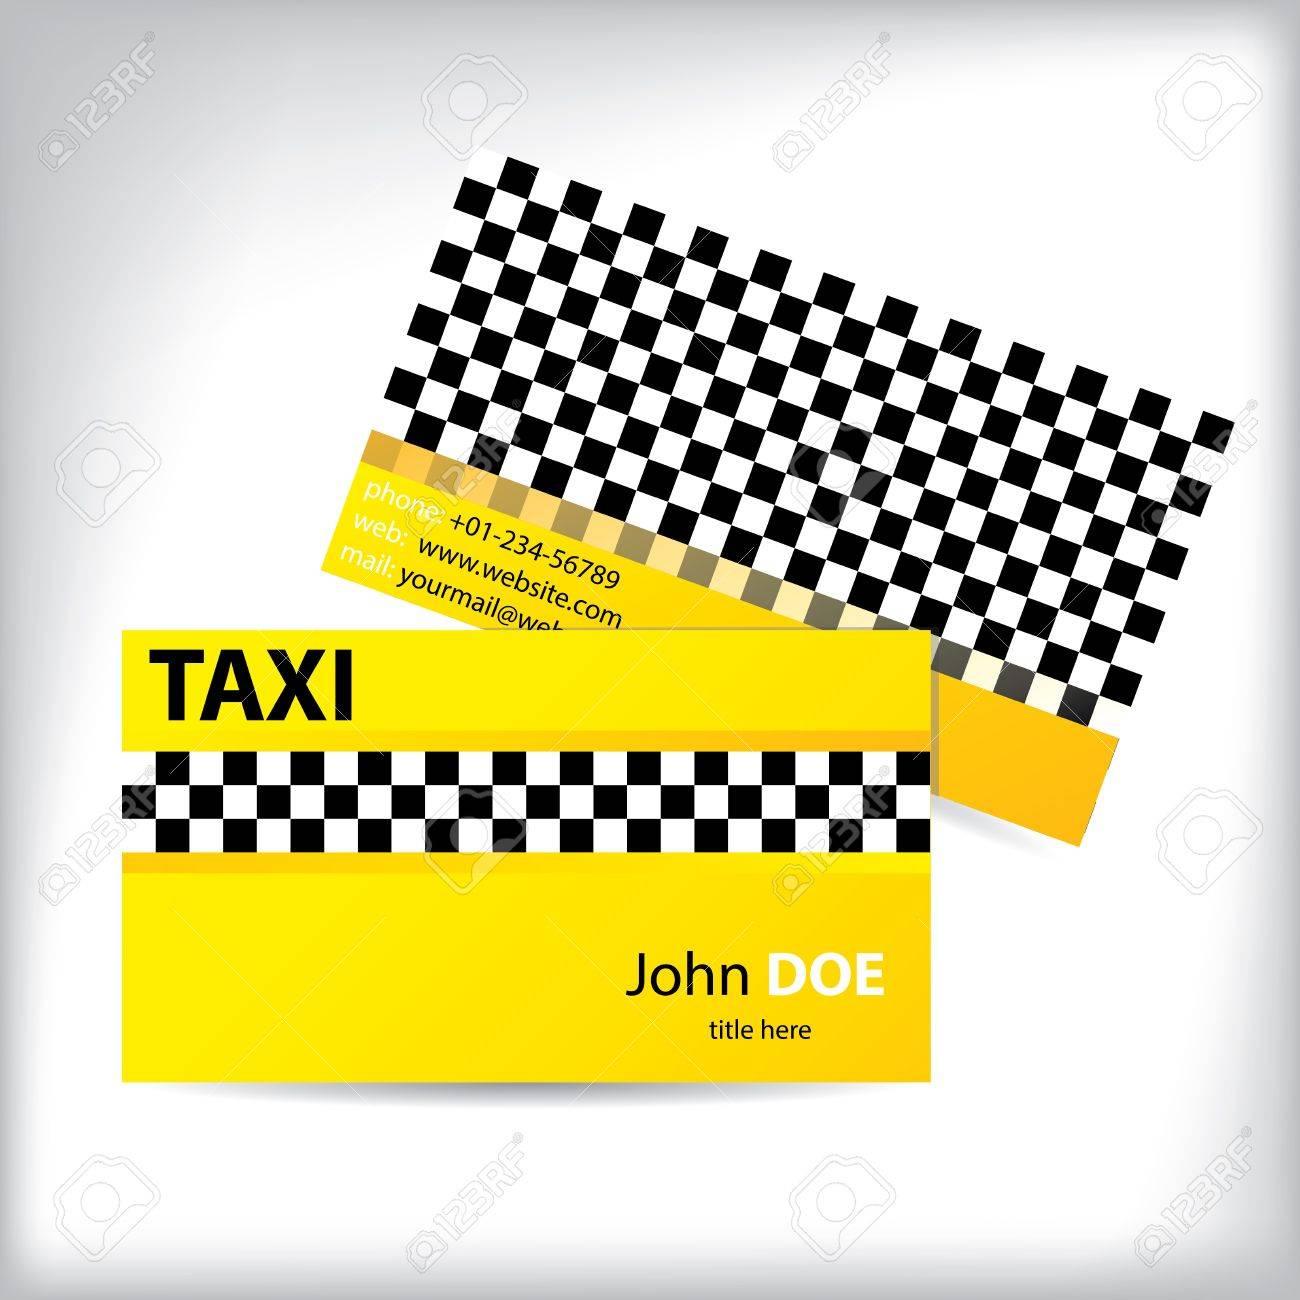 Checkered business card design for taxi drivers royalty free checkered business card design for taxi drivers stock vector 17698896 colourmoves